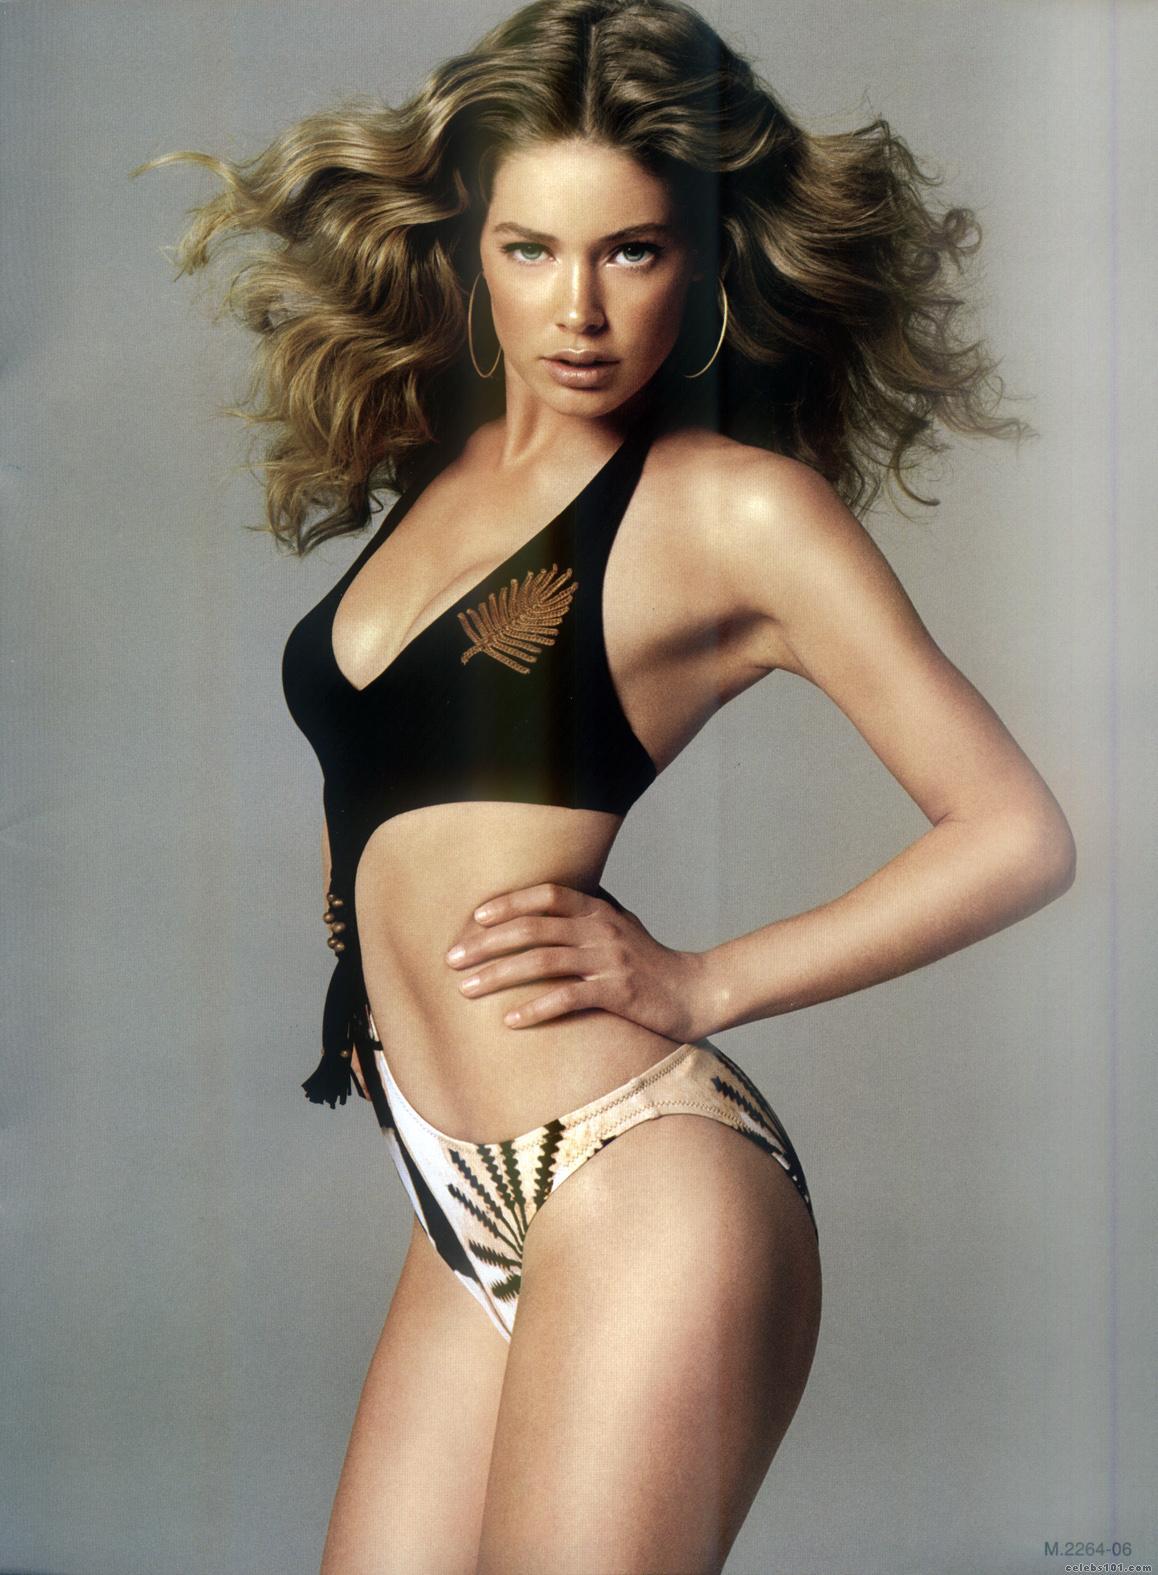 http://3.bp.blogspot.com/-wiAxbKxyGos/T-X_VoGsCzI/AAAAAAAAFWc/sMuzEl9xorA/s1600/Doutzen_Kroes_Victorias_Secret_Lingerie+(3).jpg